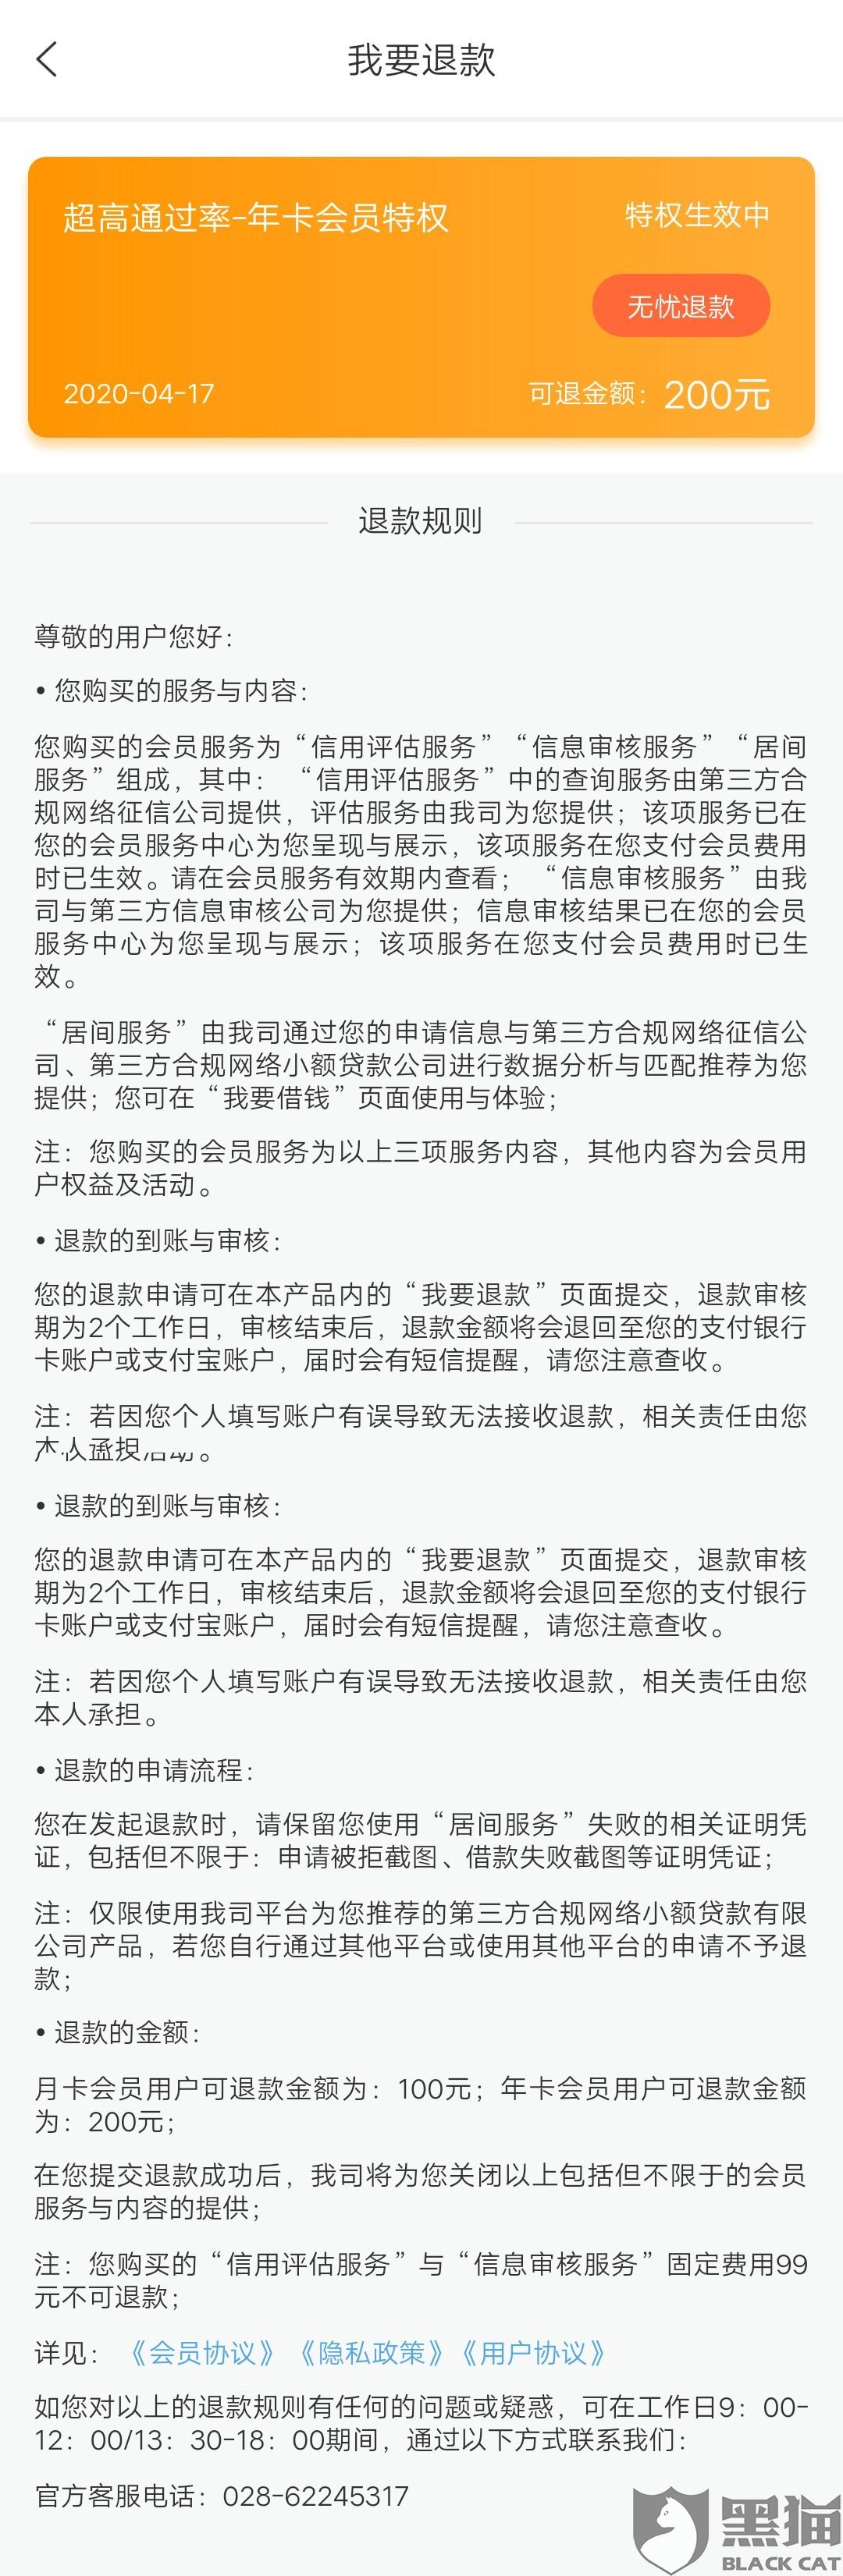 windows7激活密钥最新版,黑猫投诉:投诉分期花话APP欺诈消费者